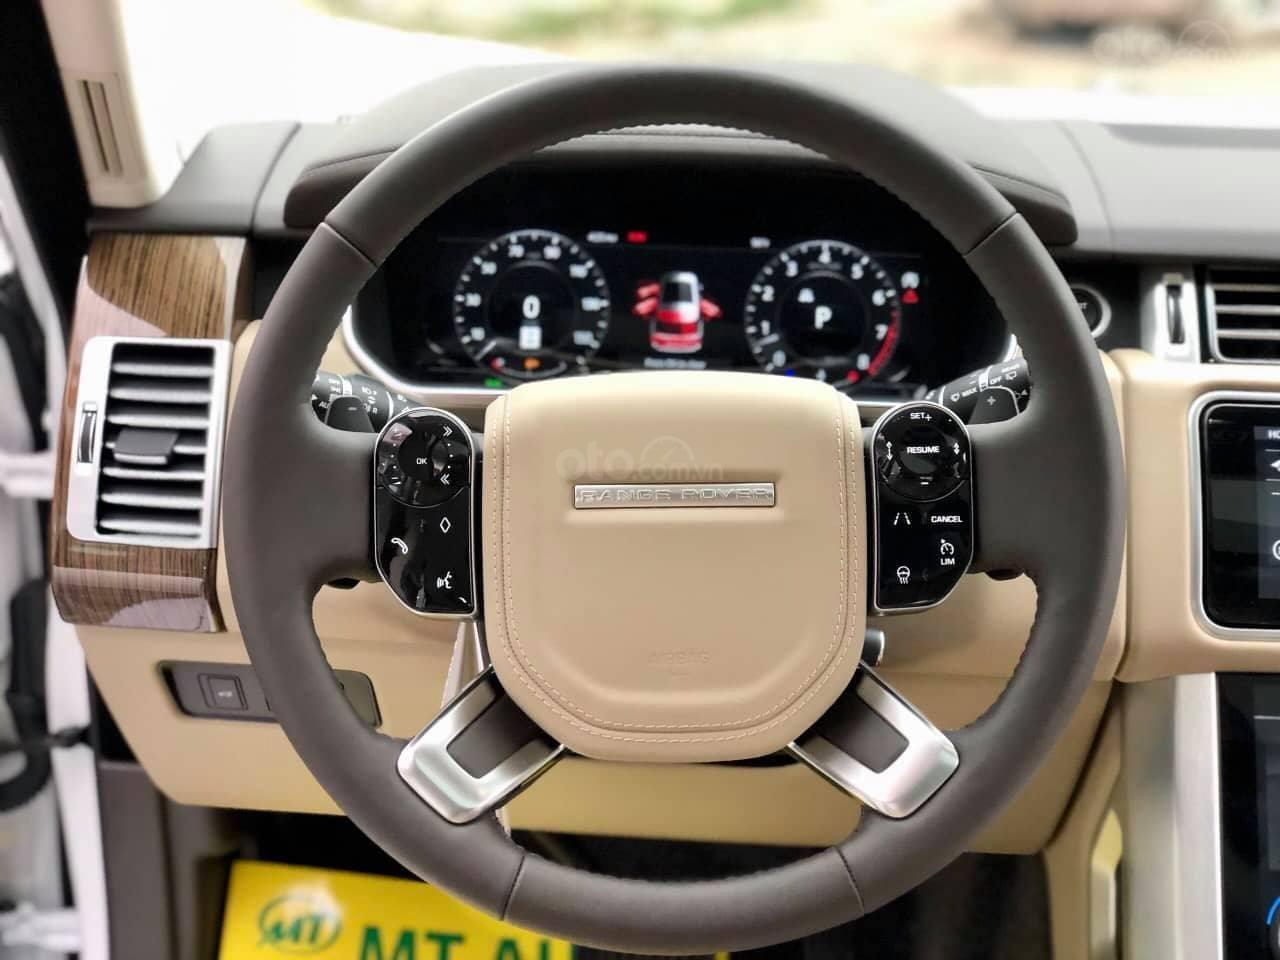 Bán ô tô LandRover Range Rover HSE đời 2018, màu trắng, nhập khẩu nguyên chiếc, LH 0905098888 - 0982.84.2838 (18)